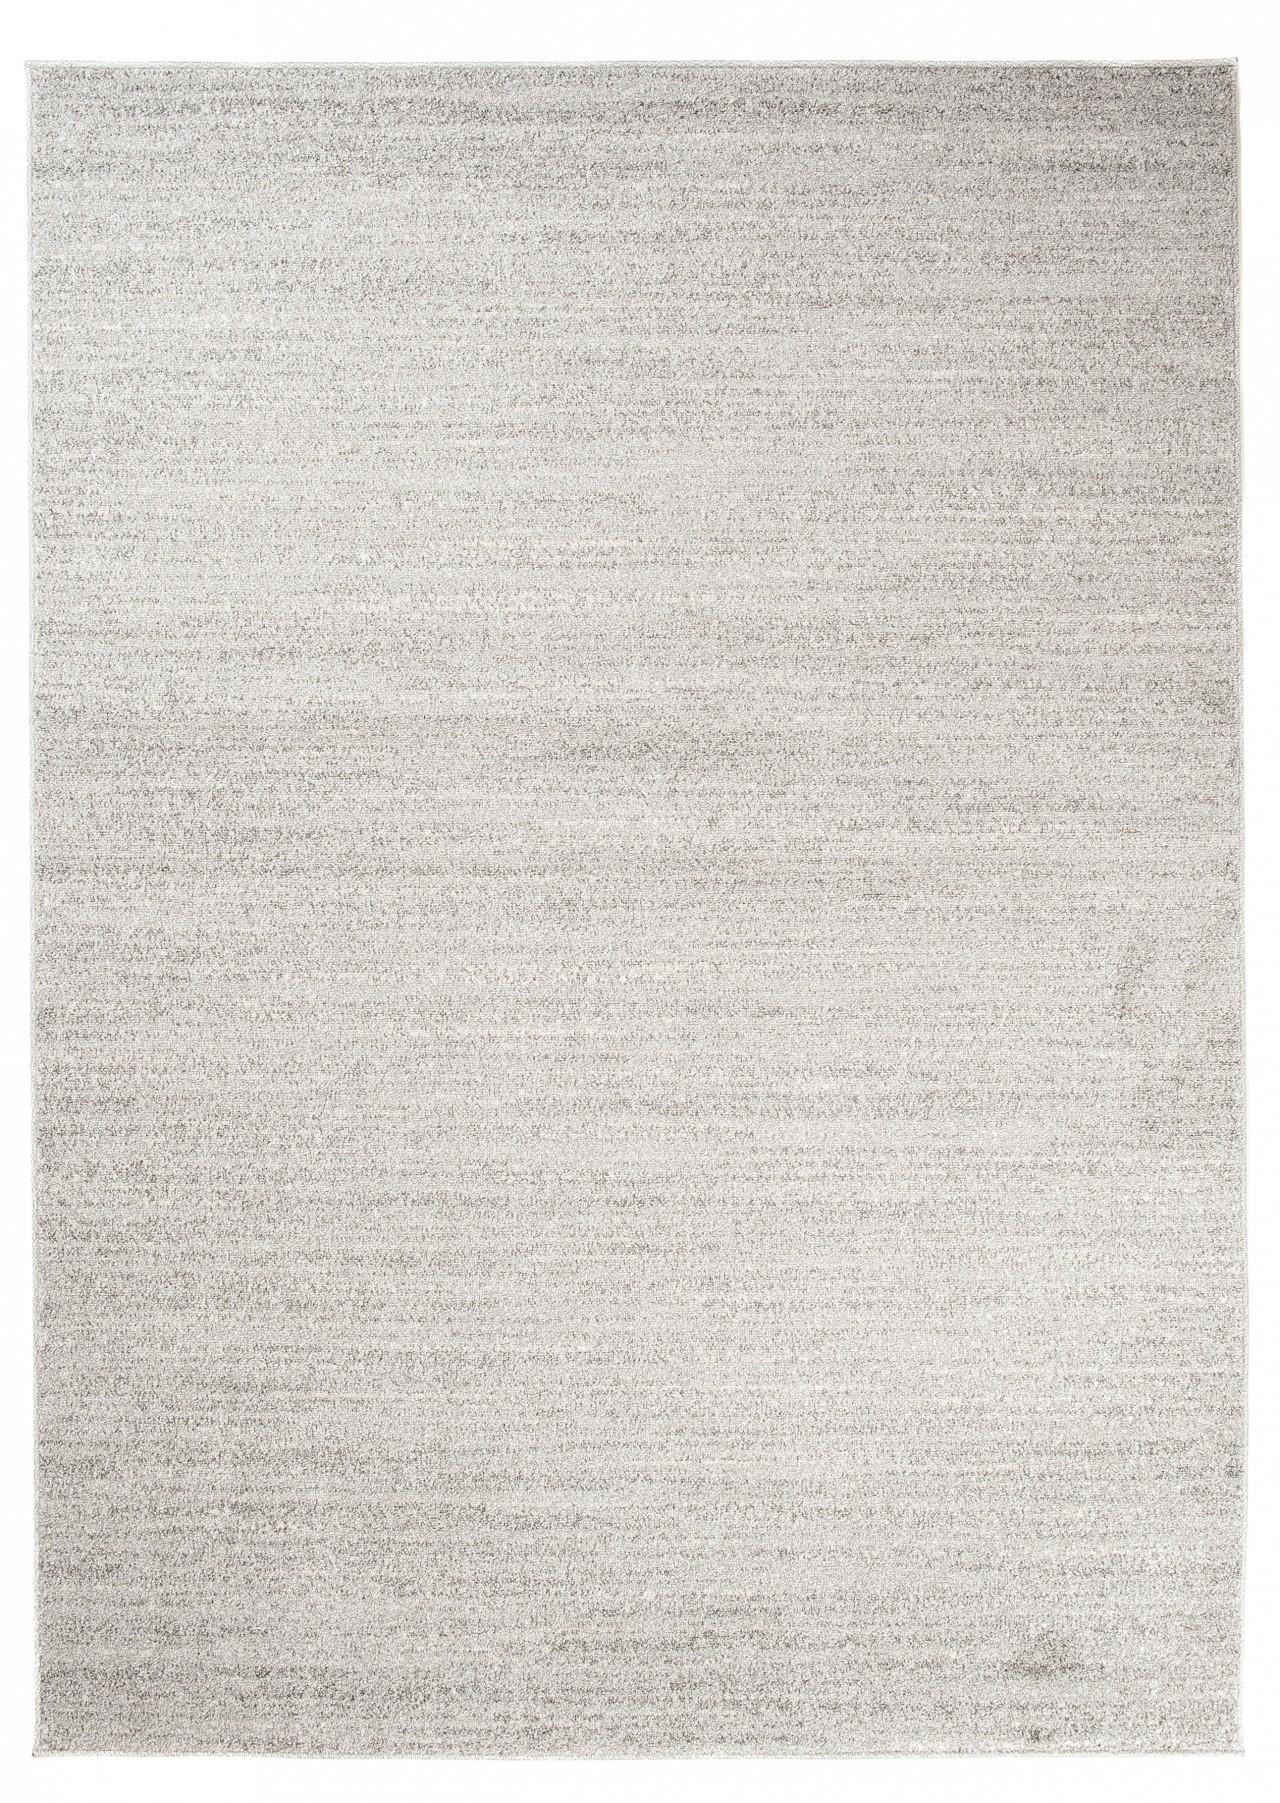 ... Grau Meliert Perfekt Für Wohnzimmer Gästezimmer Esszimmer ÖKOTEX. Tap  To Expand